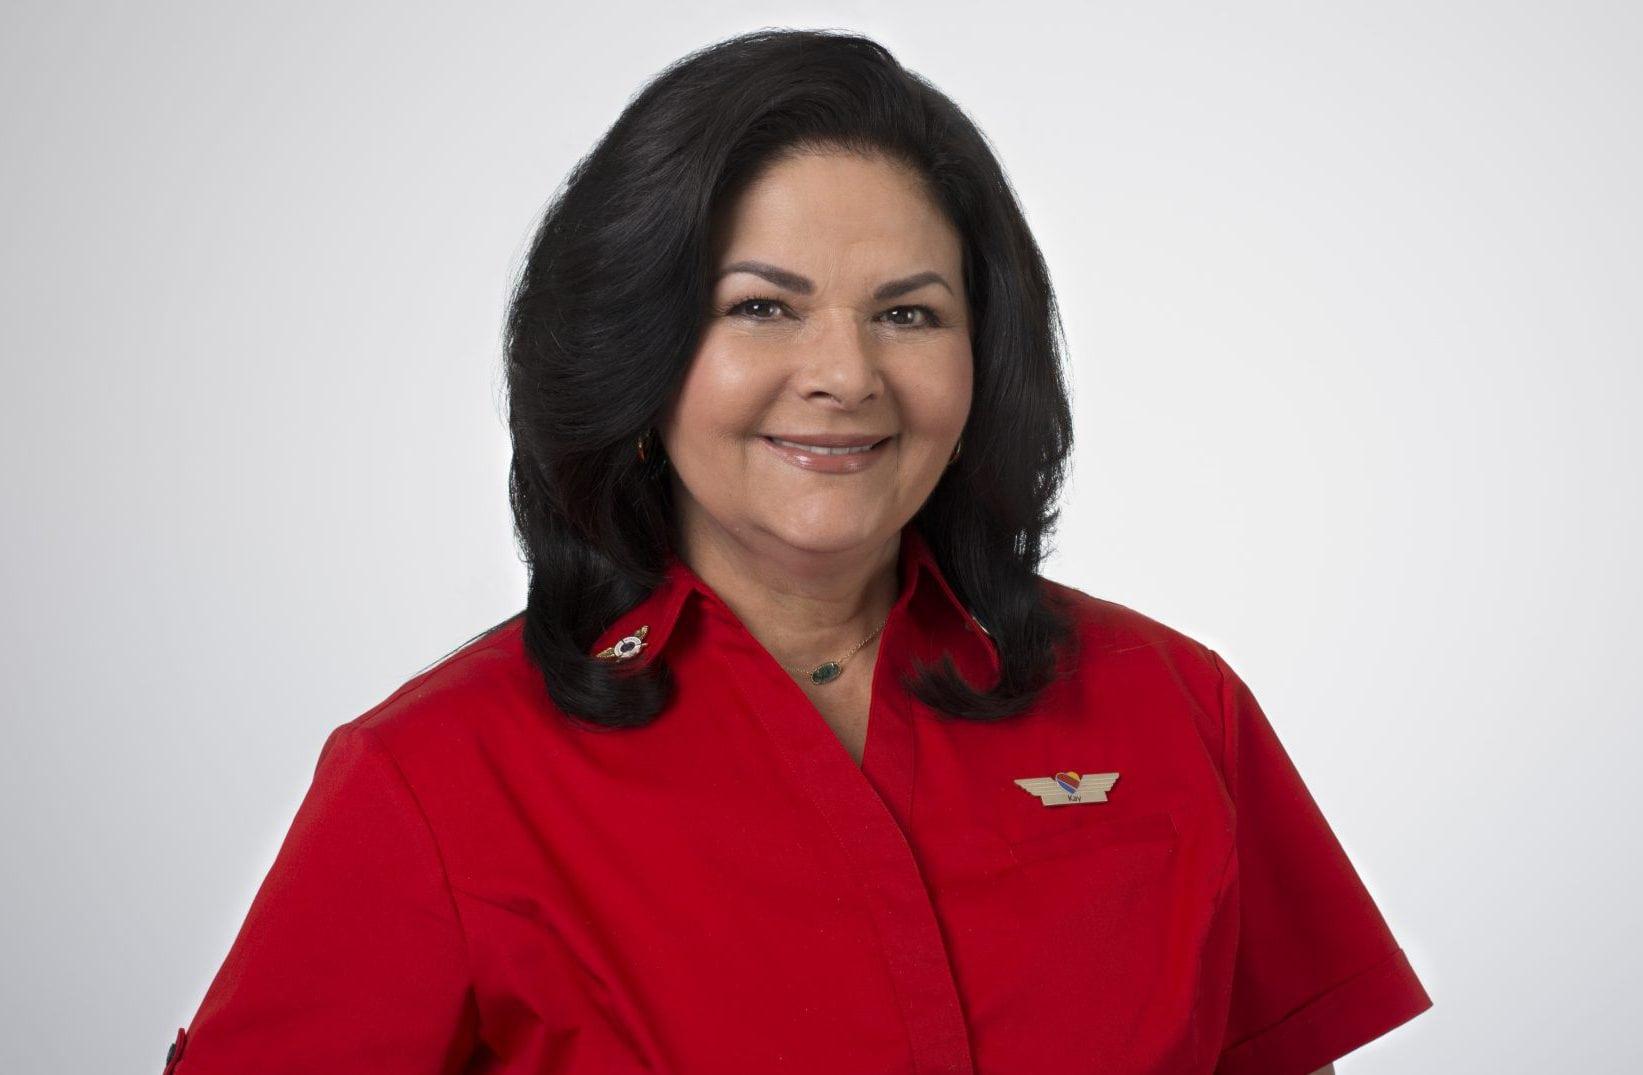 Kay Hogan